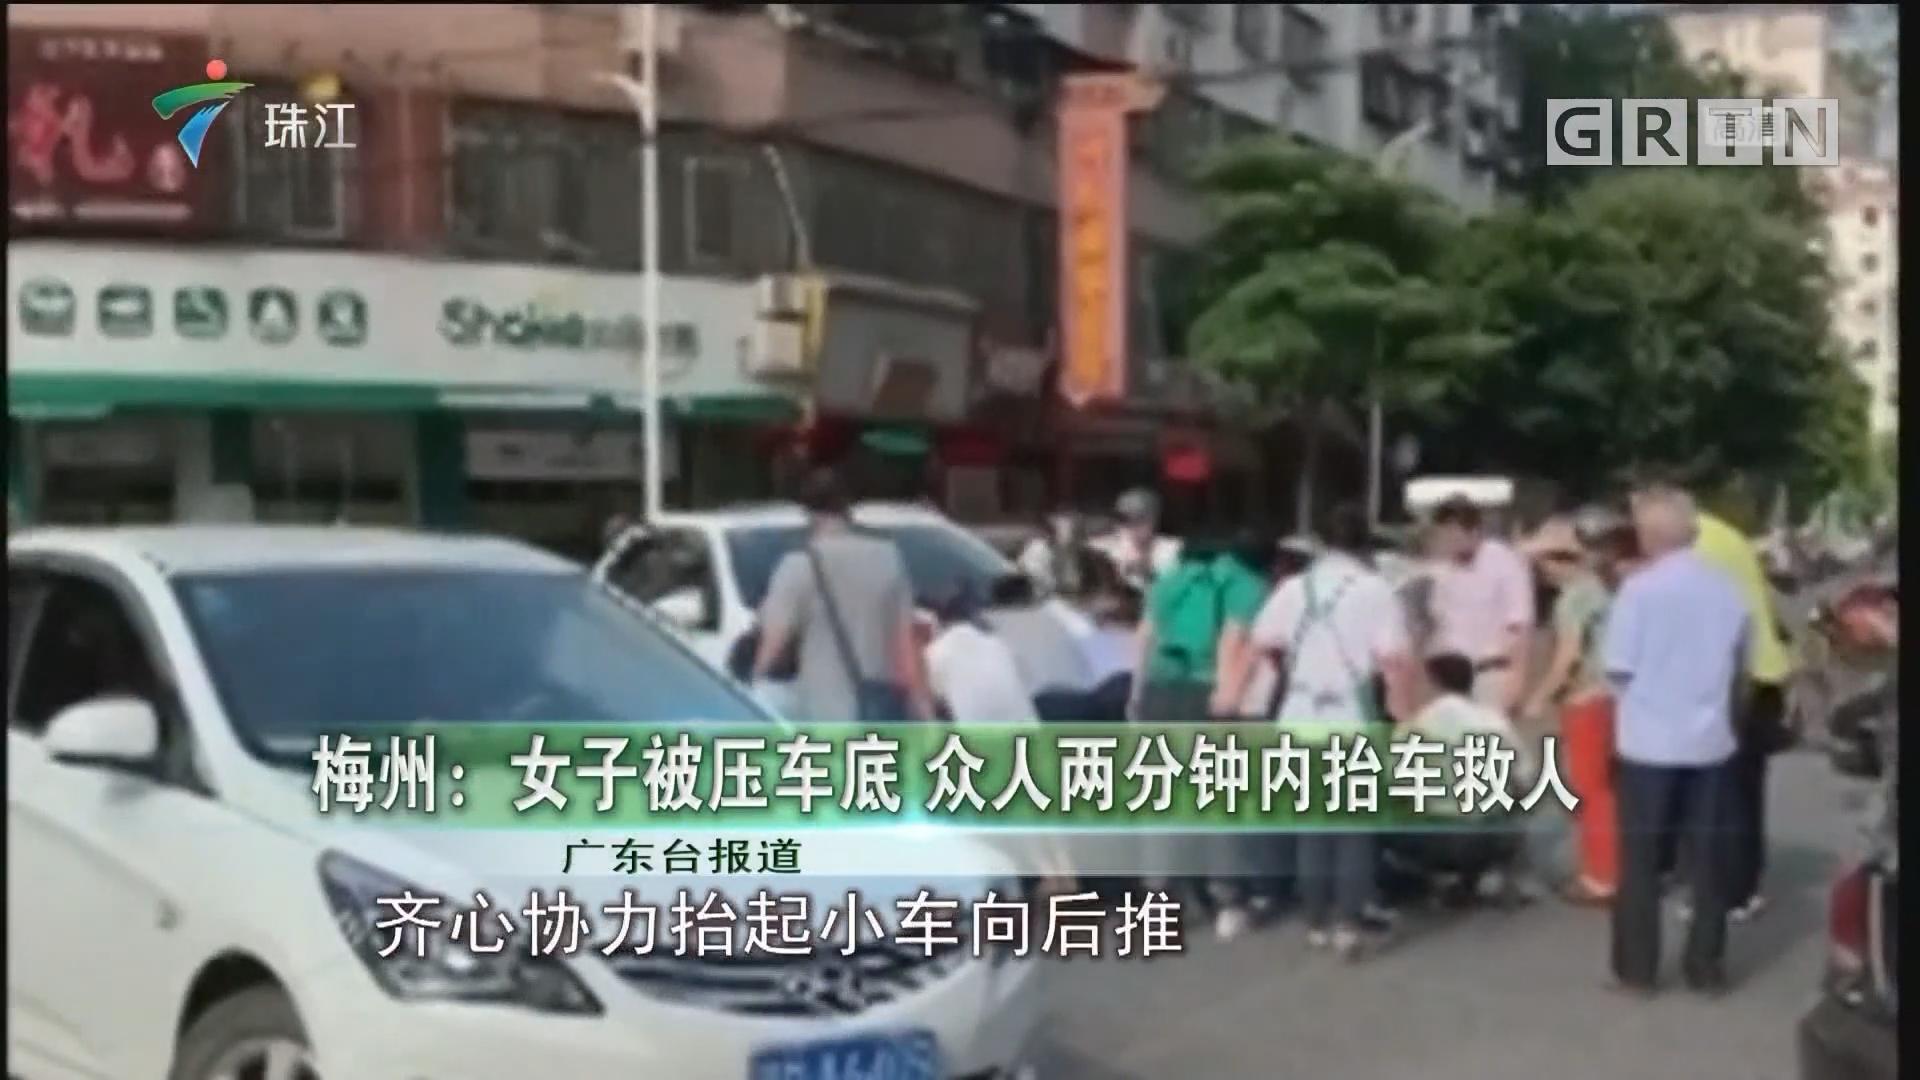 梅州:女子被压车底 众人两分钟内抬车救人